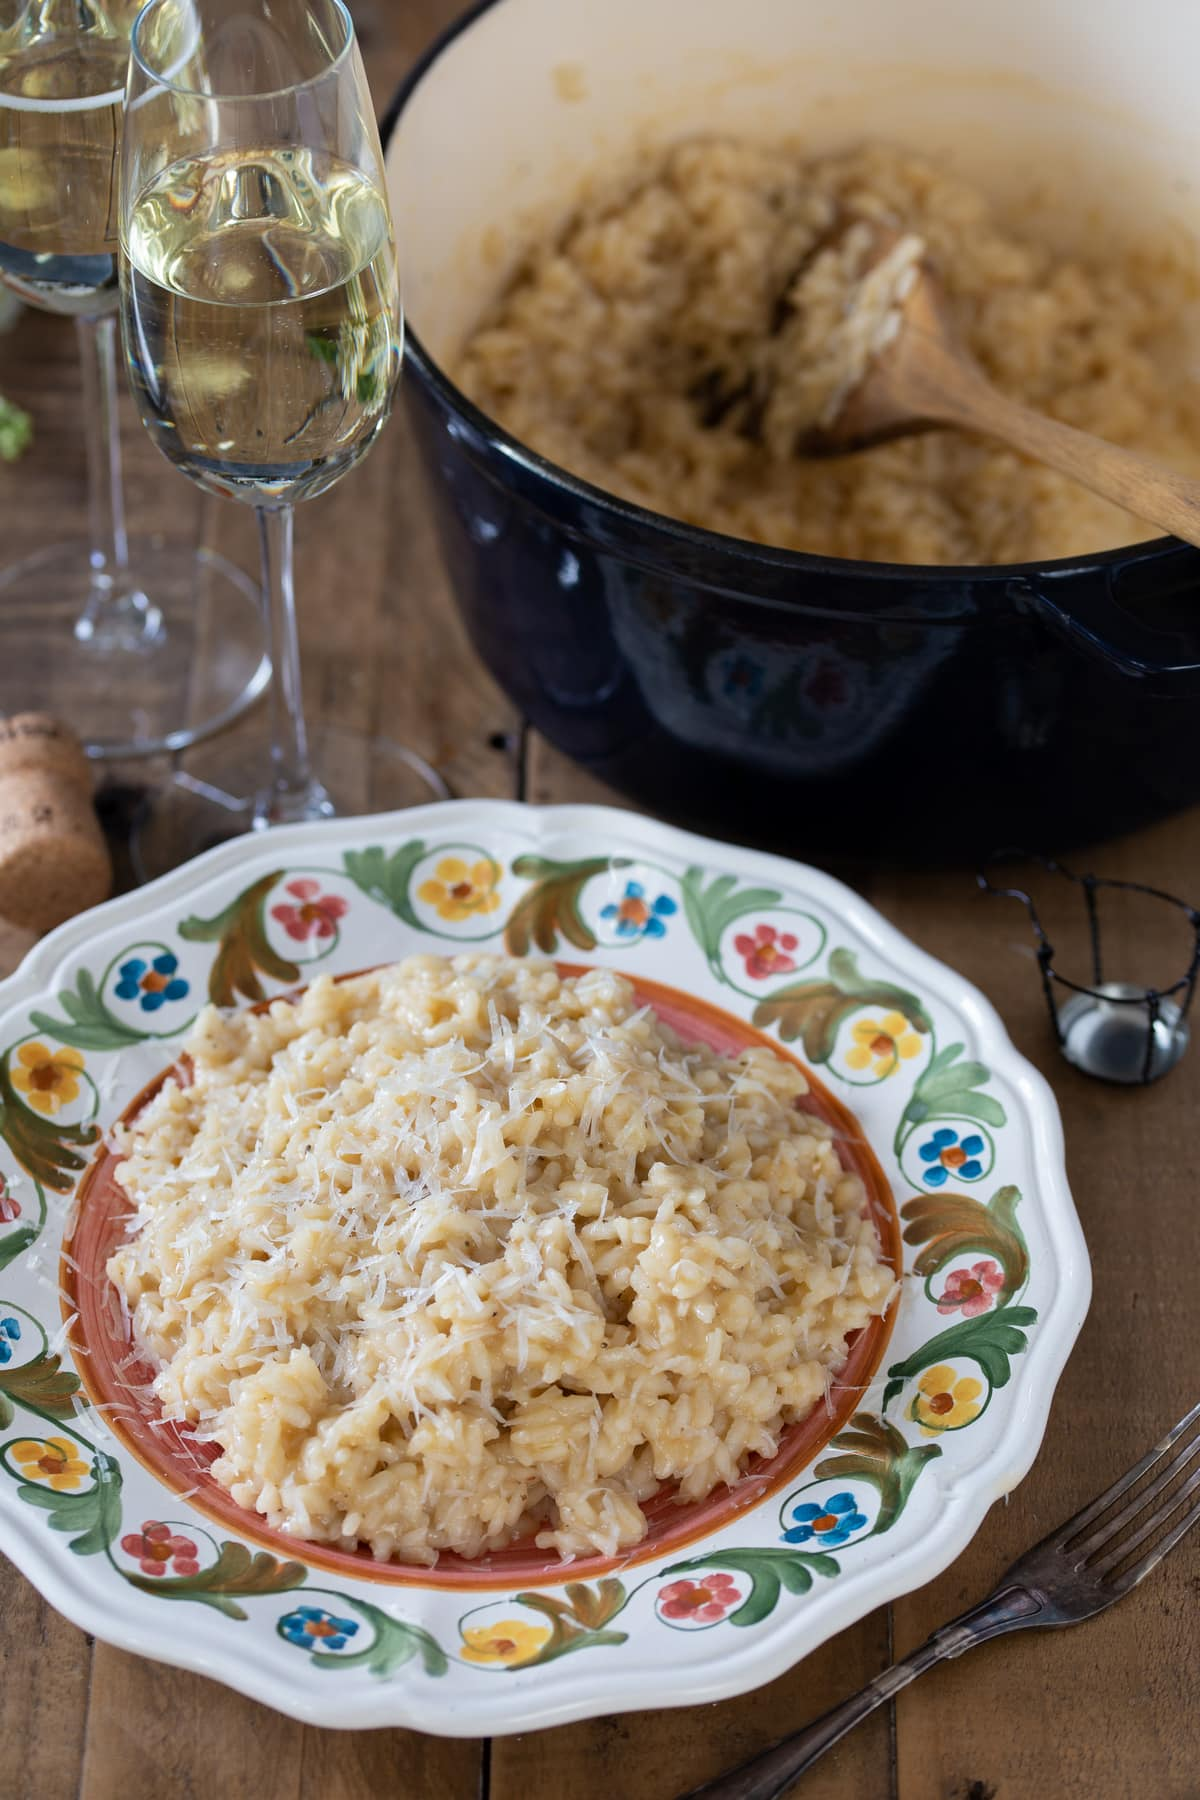 Parmesan risotto with prosecco, Italian sparkling wine.